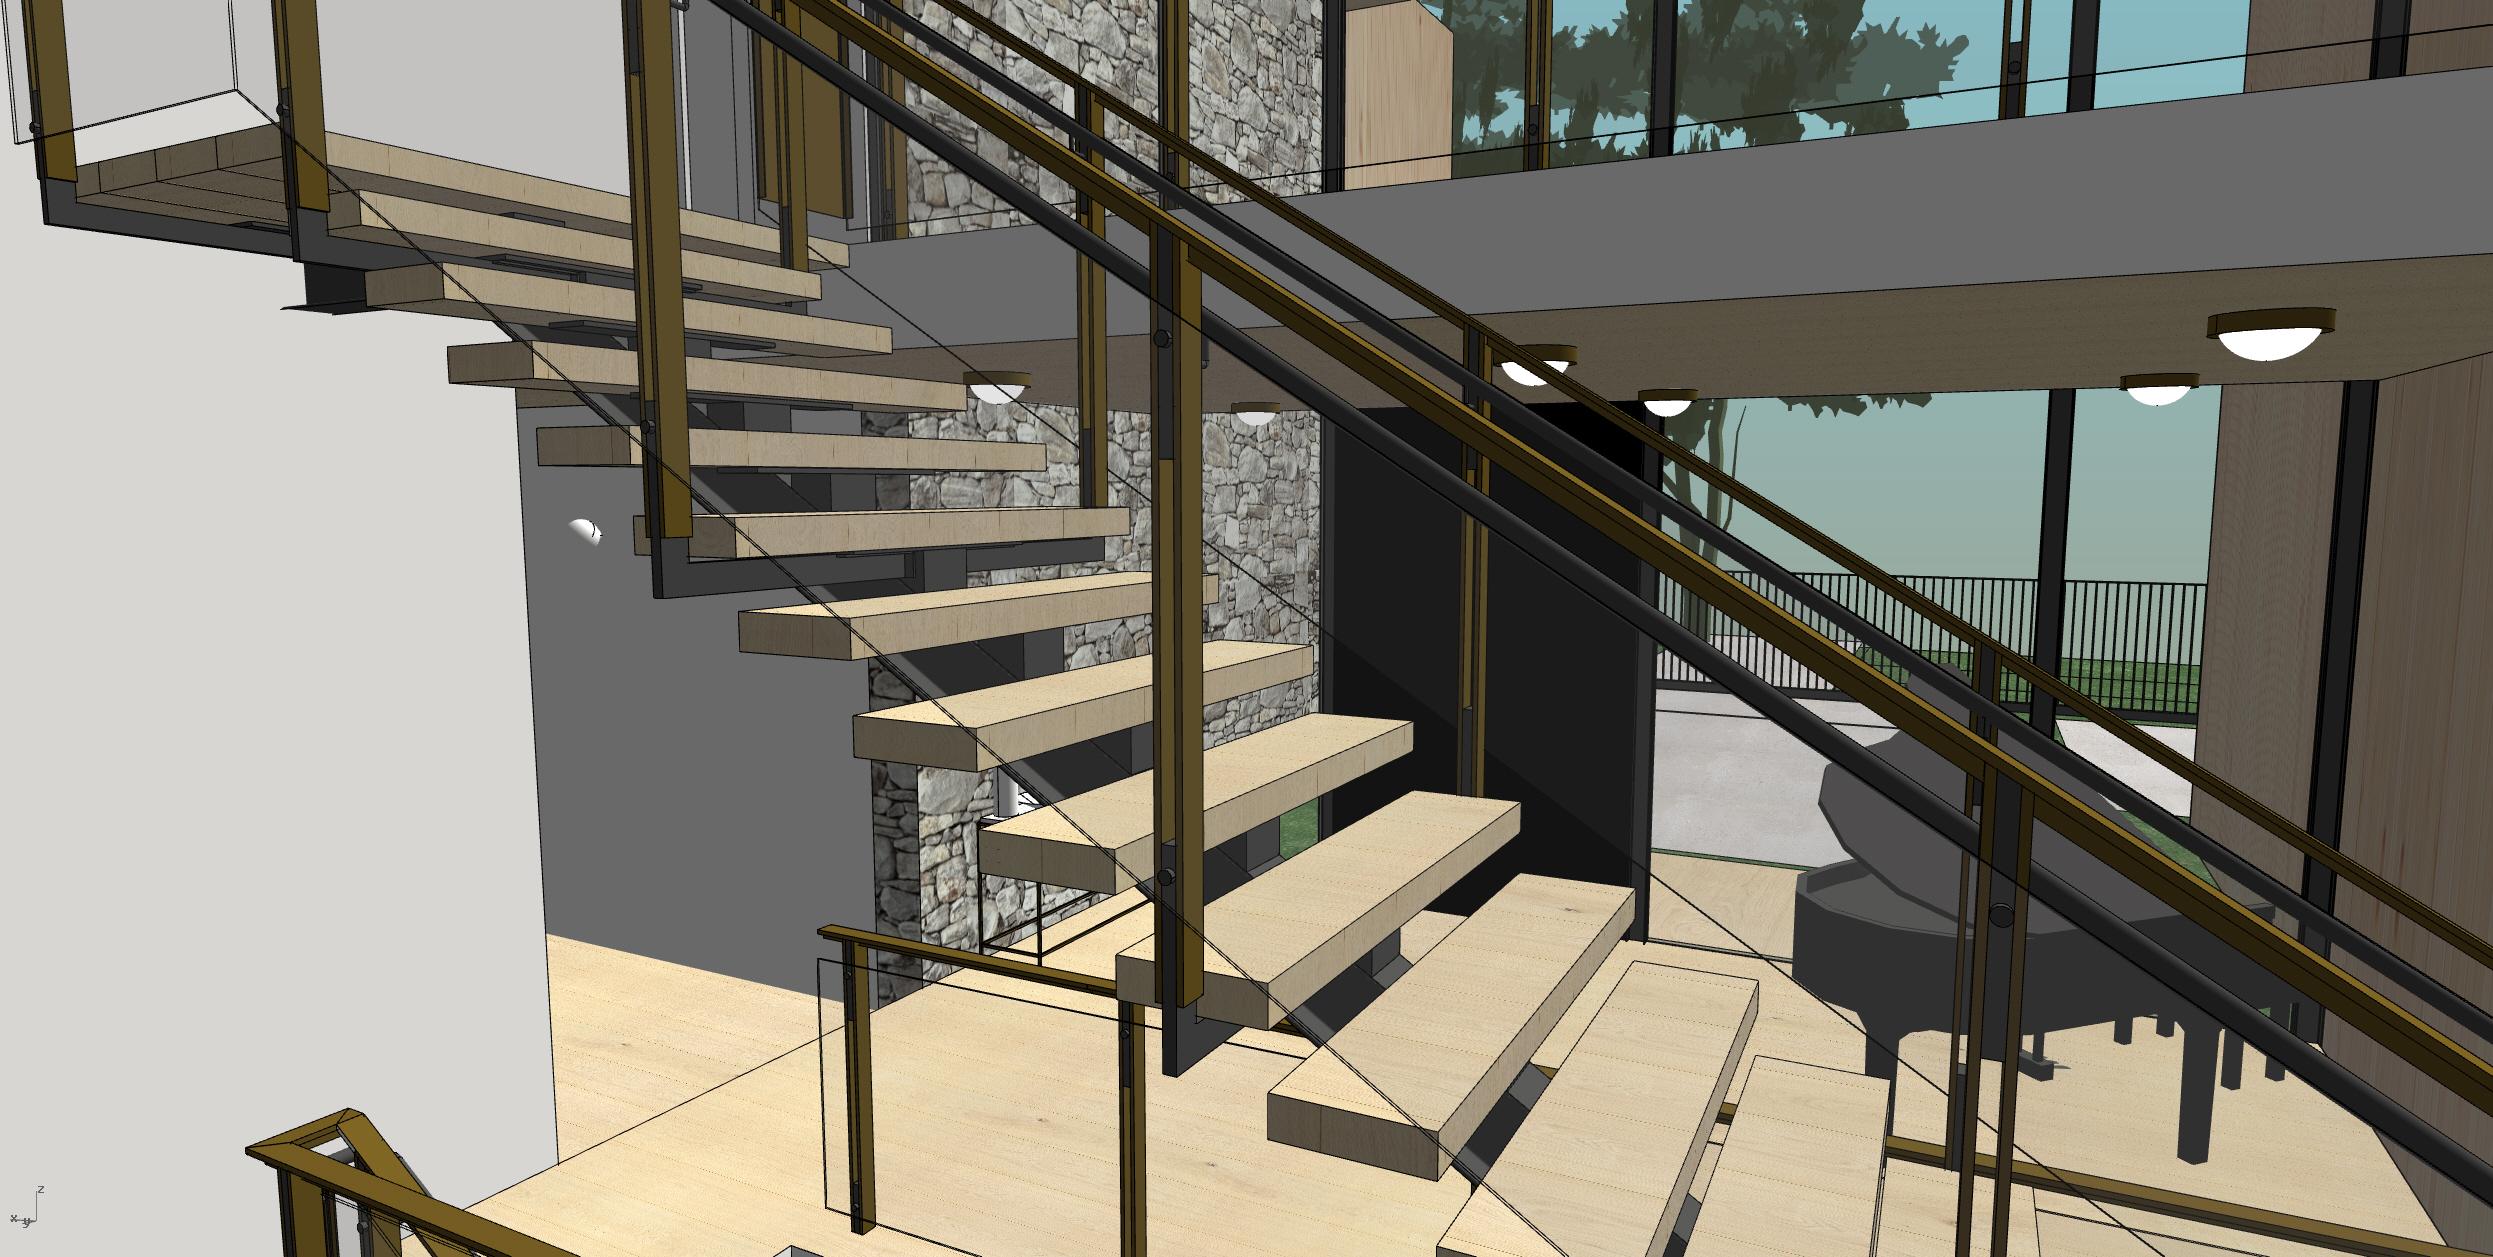 RADDON_Stair Render 5.jpg